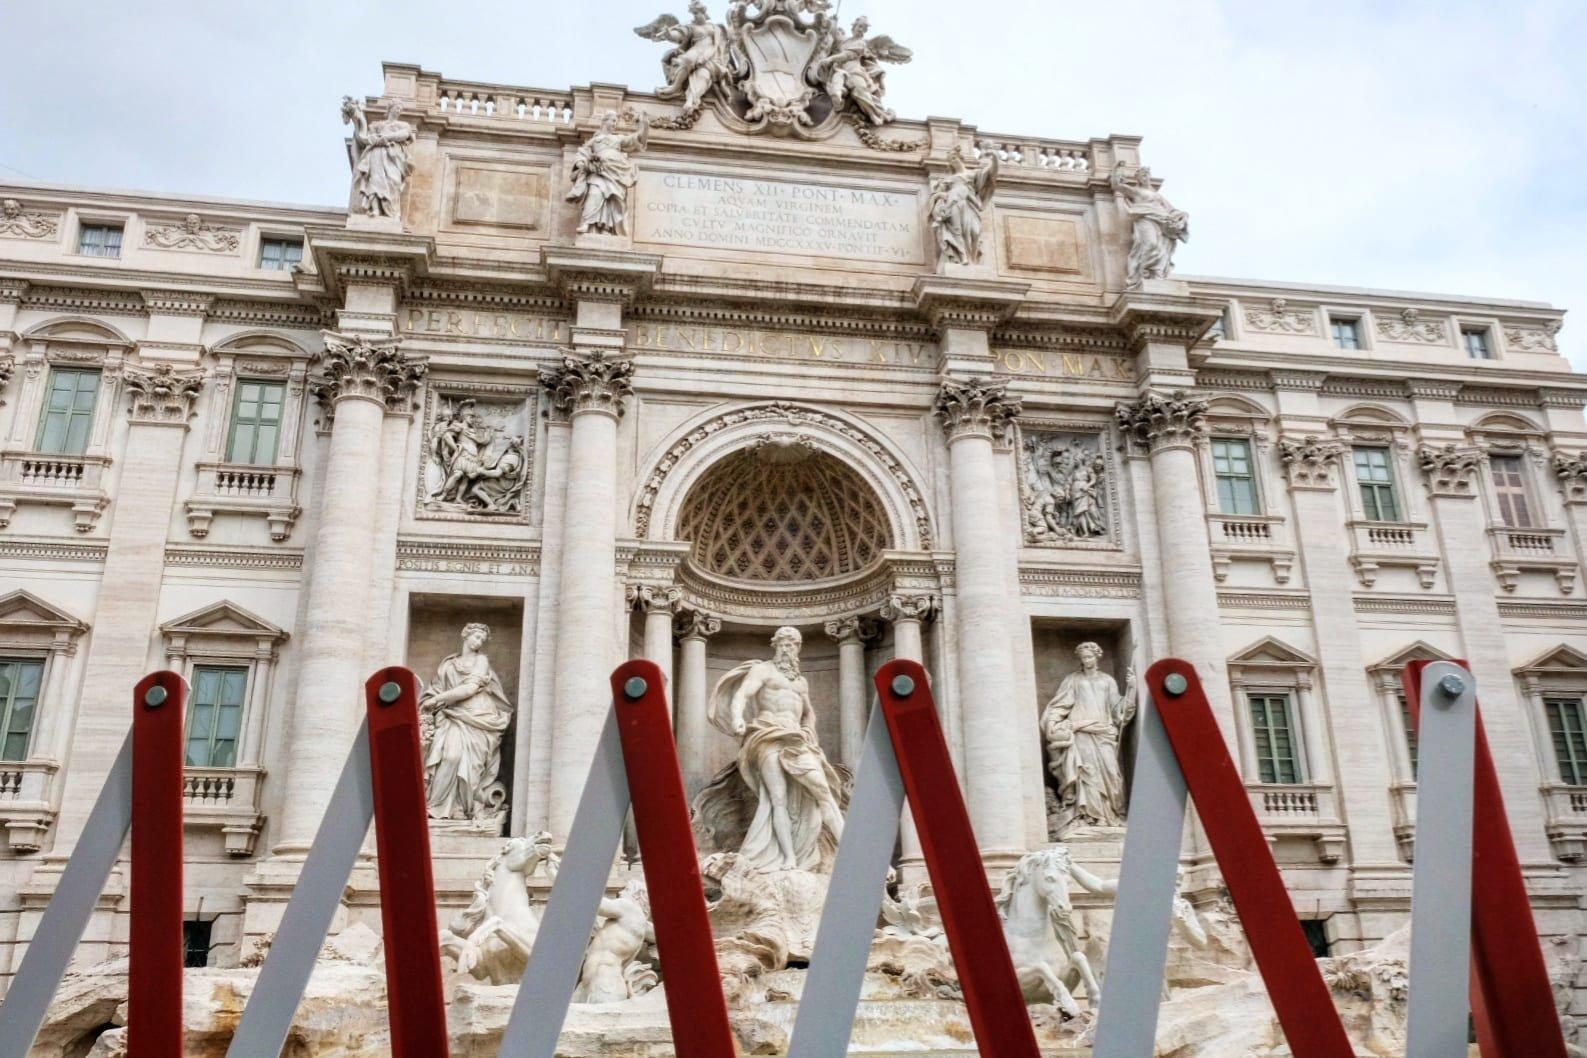 Dettaglio di Fontana di Trevi con i dissuasori per l'ingresso© Renato Ferrantini